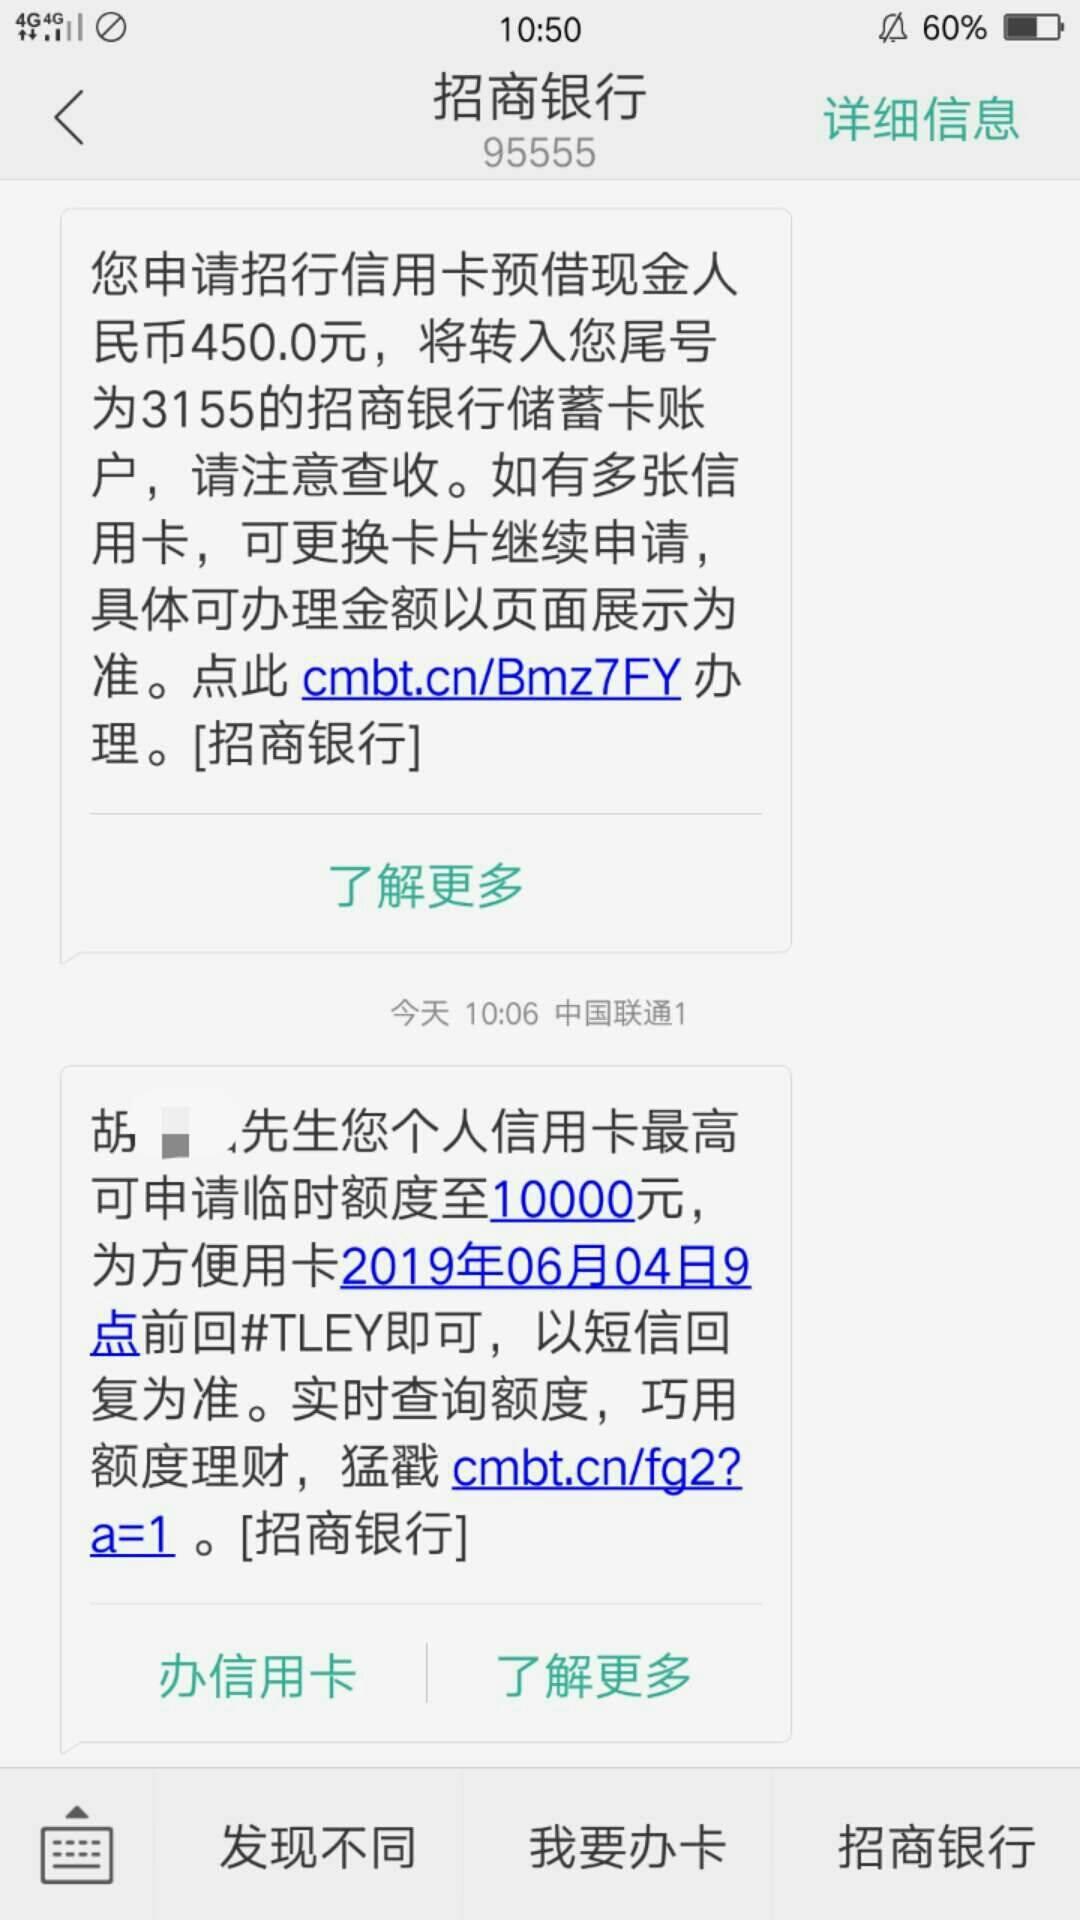 生鲜平台招商海报